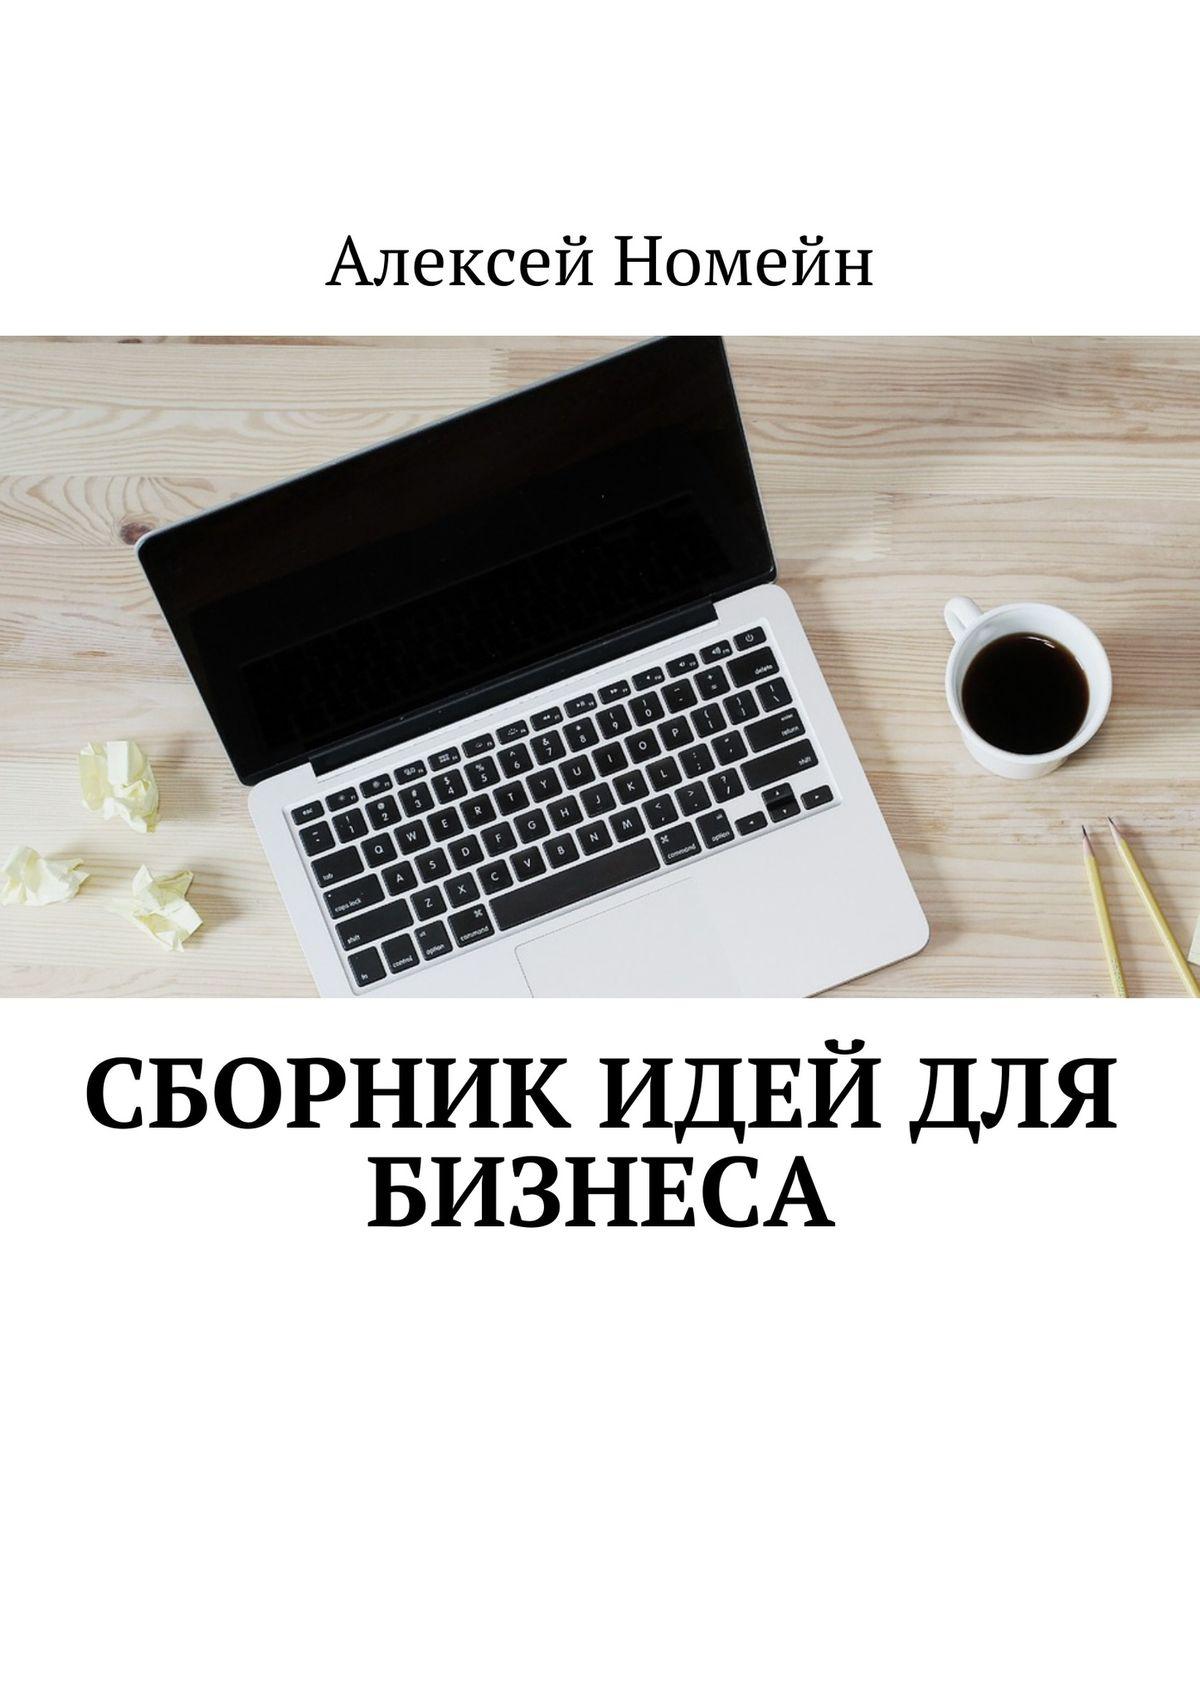 Алексей Номейн Сборник идей для бизнеса алексей номейн пять причин написать собственную электронную книгу